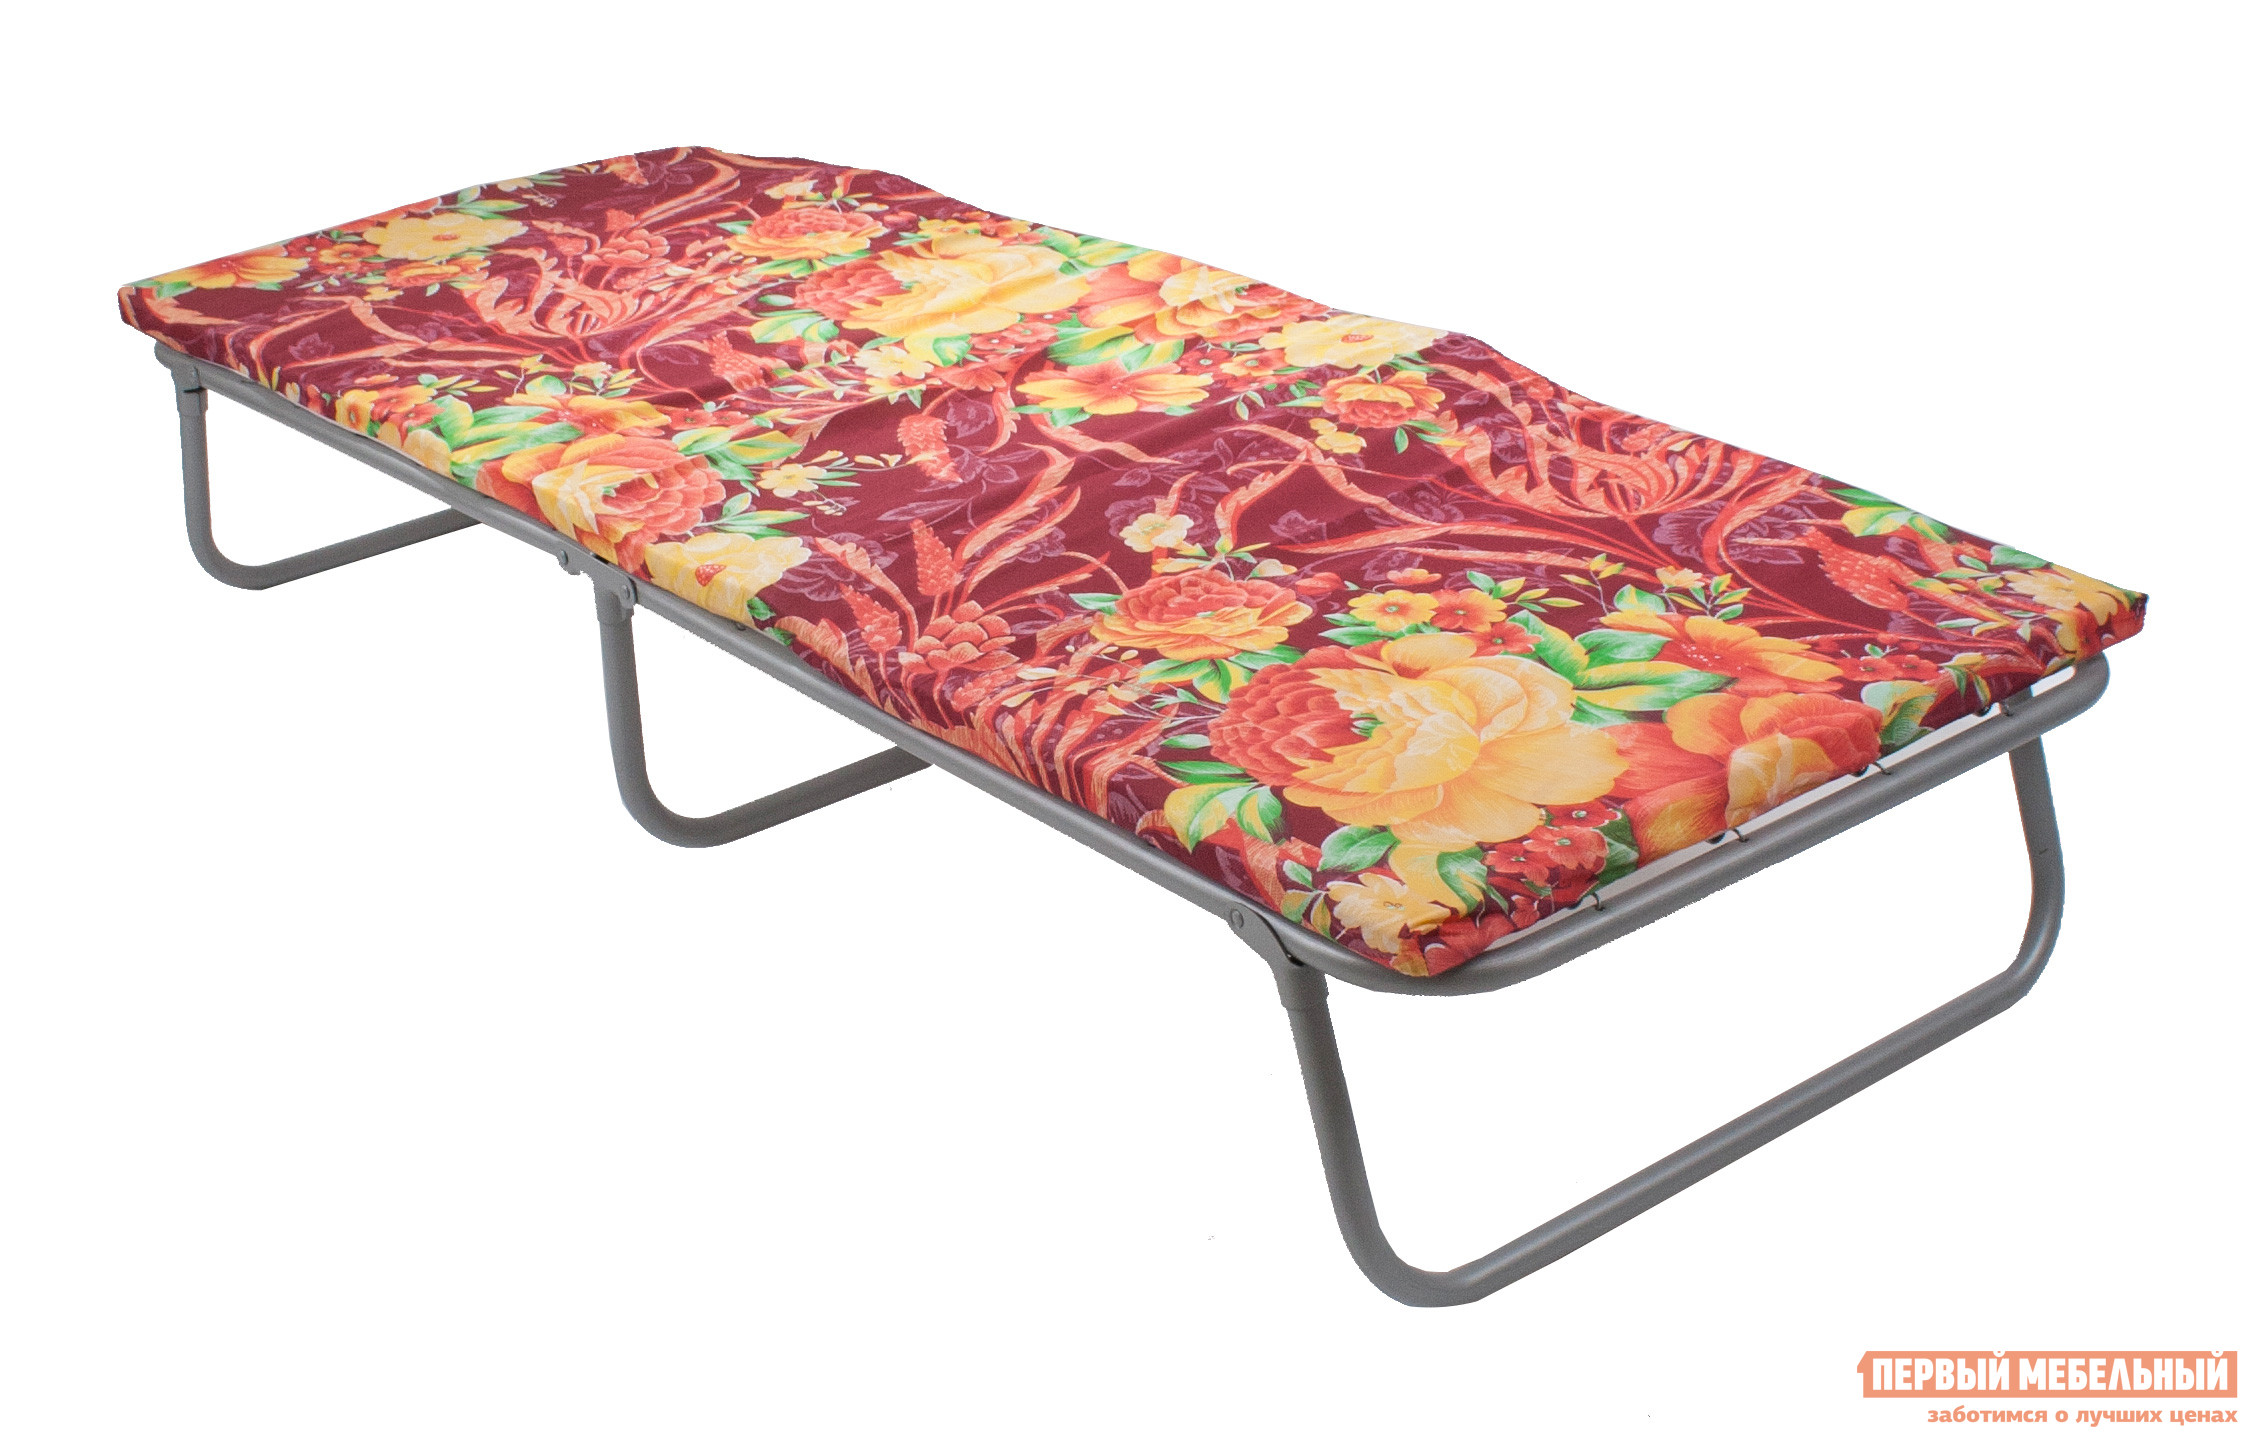 Раскладушка Мебель Импэкс Прасковья В ассортиментеРаскладушки<br>Габаритные размеры ВхШхГ 295x700x1800 мм. Раскладушка Прасковья — для дачи в Подмосковье!  Мягкая компактная раскладная кровать всегда обеспечит спальное место для гостя, а летом на загородном участке на ней будет удобно подремать в теньке или понежиться на солнышке. В сложенном состояние раскладушка имеет размеры — 900 x 700 x 115 мм, она не займет много места и ее легко хранить в кладовке или под кроватью. Раскладушка очень легкая — всего 8. 7 кг.  Максимальная нагрузка — до 150 кг. Каркас  выполнен из стальной трубы диаметром 25 мм.  Основание — прочная стальная сетка-змейка.  Комфортный матрац из бязи с набивкой из холлкона имеет толщину 35 мм. Обратите внимание! Расцветка матраса может отличаться от изображения.<br><br>Цвет: В ассортименте<br>Высота мм: 295<br>Ширина мм: 700<br>Глубина мм: 1800<br>Кол-во упаковок: 1<br>Форма поставки: В собранном виде<br>Срок гарантии: 12 месяцев<br>Тип: До 80 кг<br>Тип: До 100 кг<br>Тип: До 120 кг<br>Тип: До 150 кг<br>Тип: С матрасом<br>Тип: До 90 кг<br>Тип: До 70 кг<br>Тип: До 60 кг<br>Материал: Металл<br>Материал: Ткань<br>На пружинах: Да